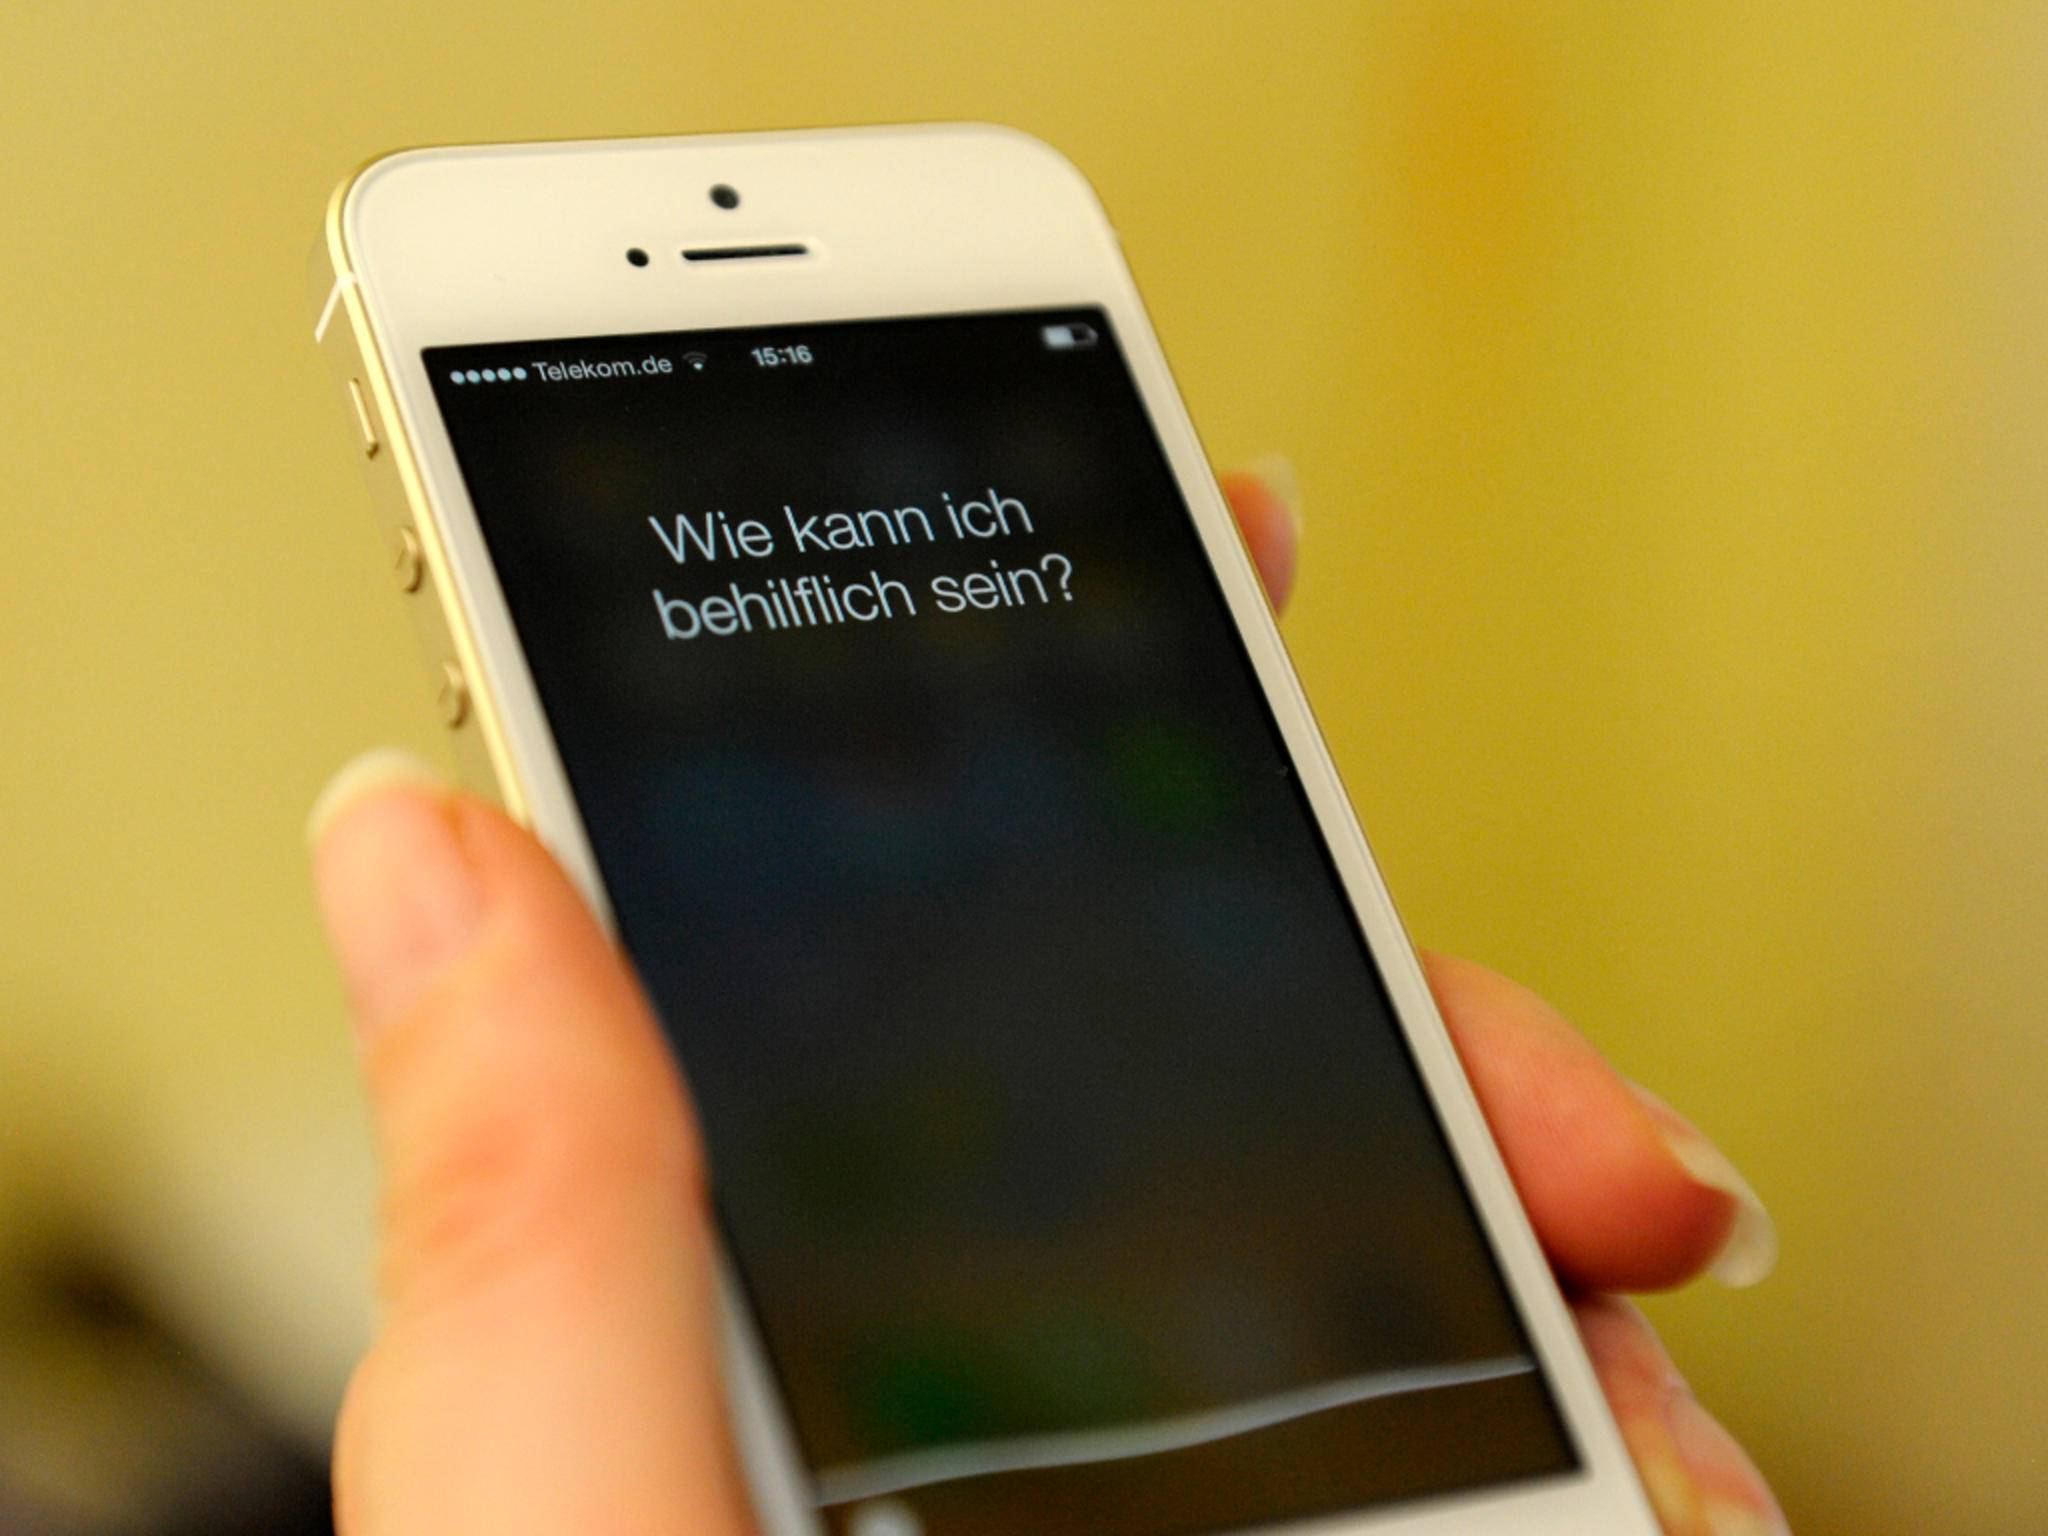 Diese Frage beantwortet die neue Siri-Homepage.